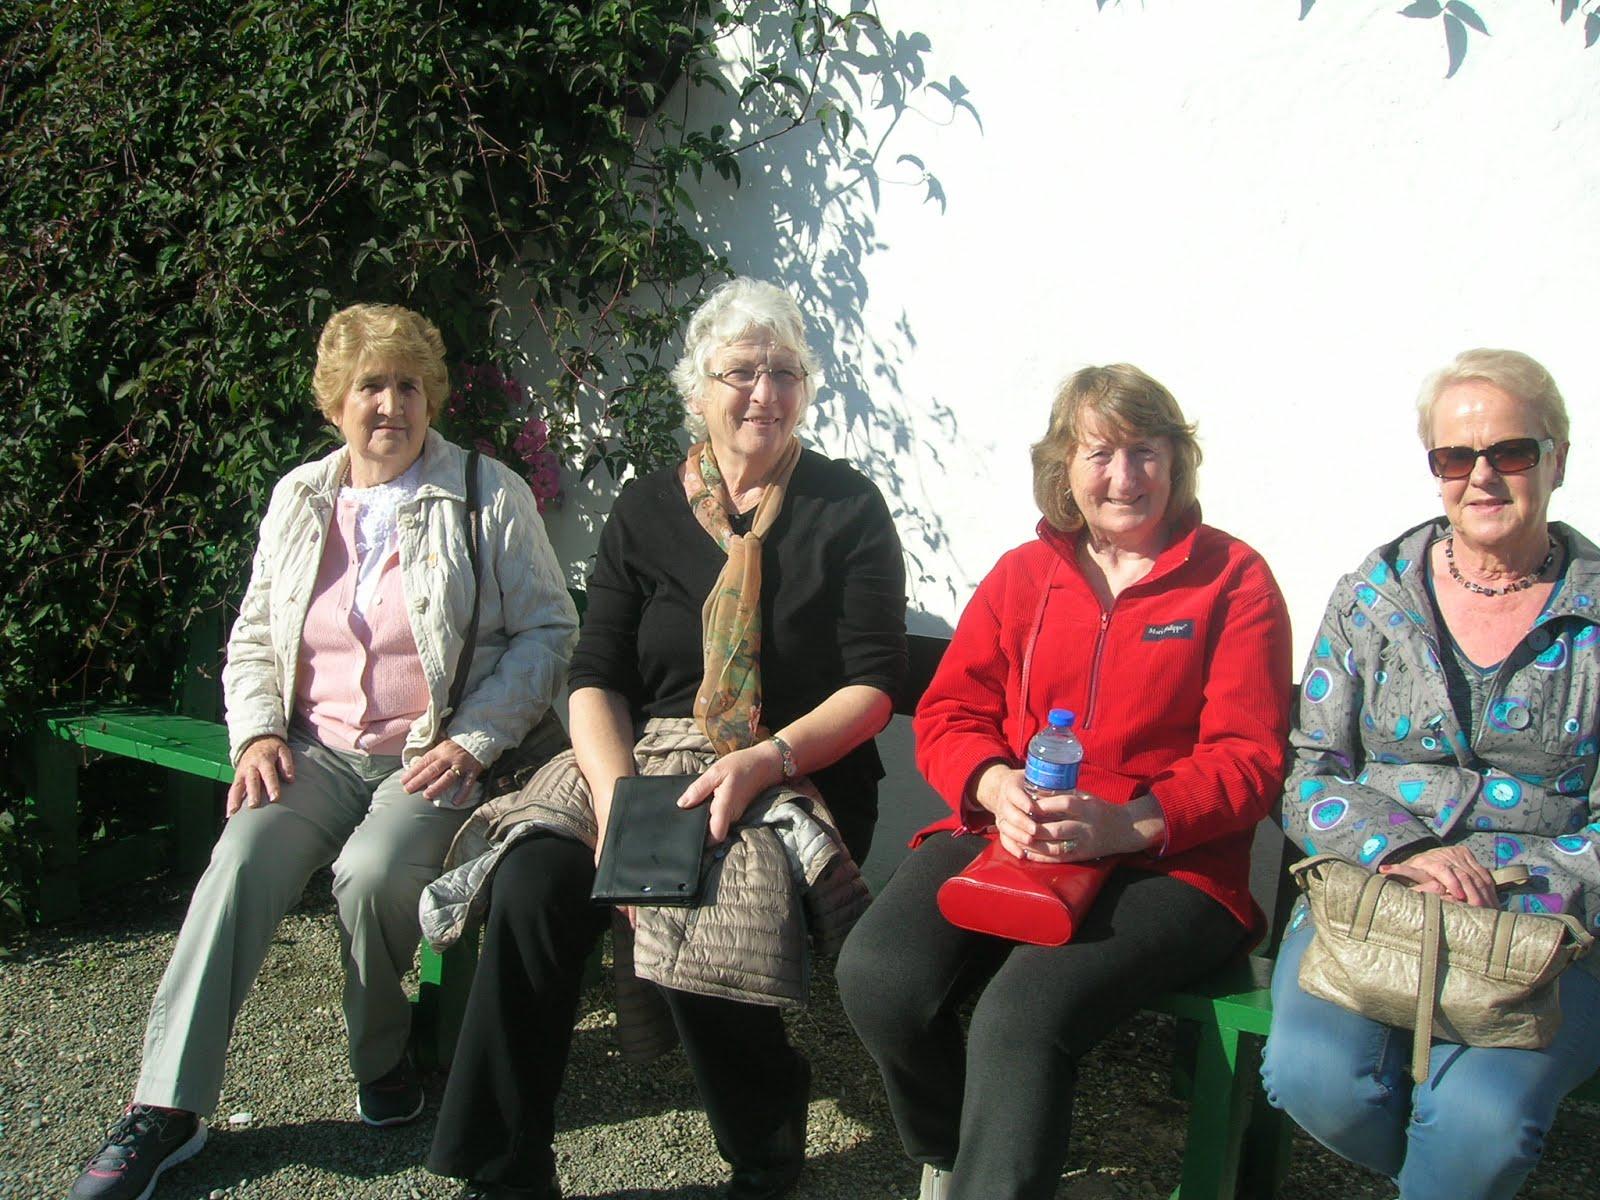 Maray O Holleran, Christina O Malley, Mary Howley and Valerie Gately